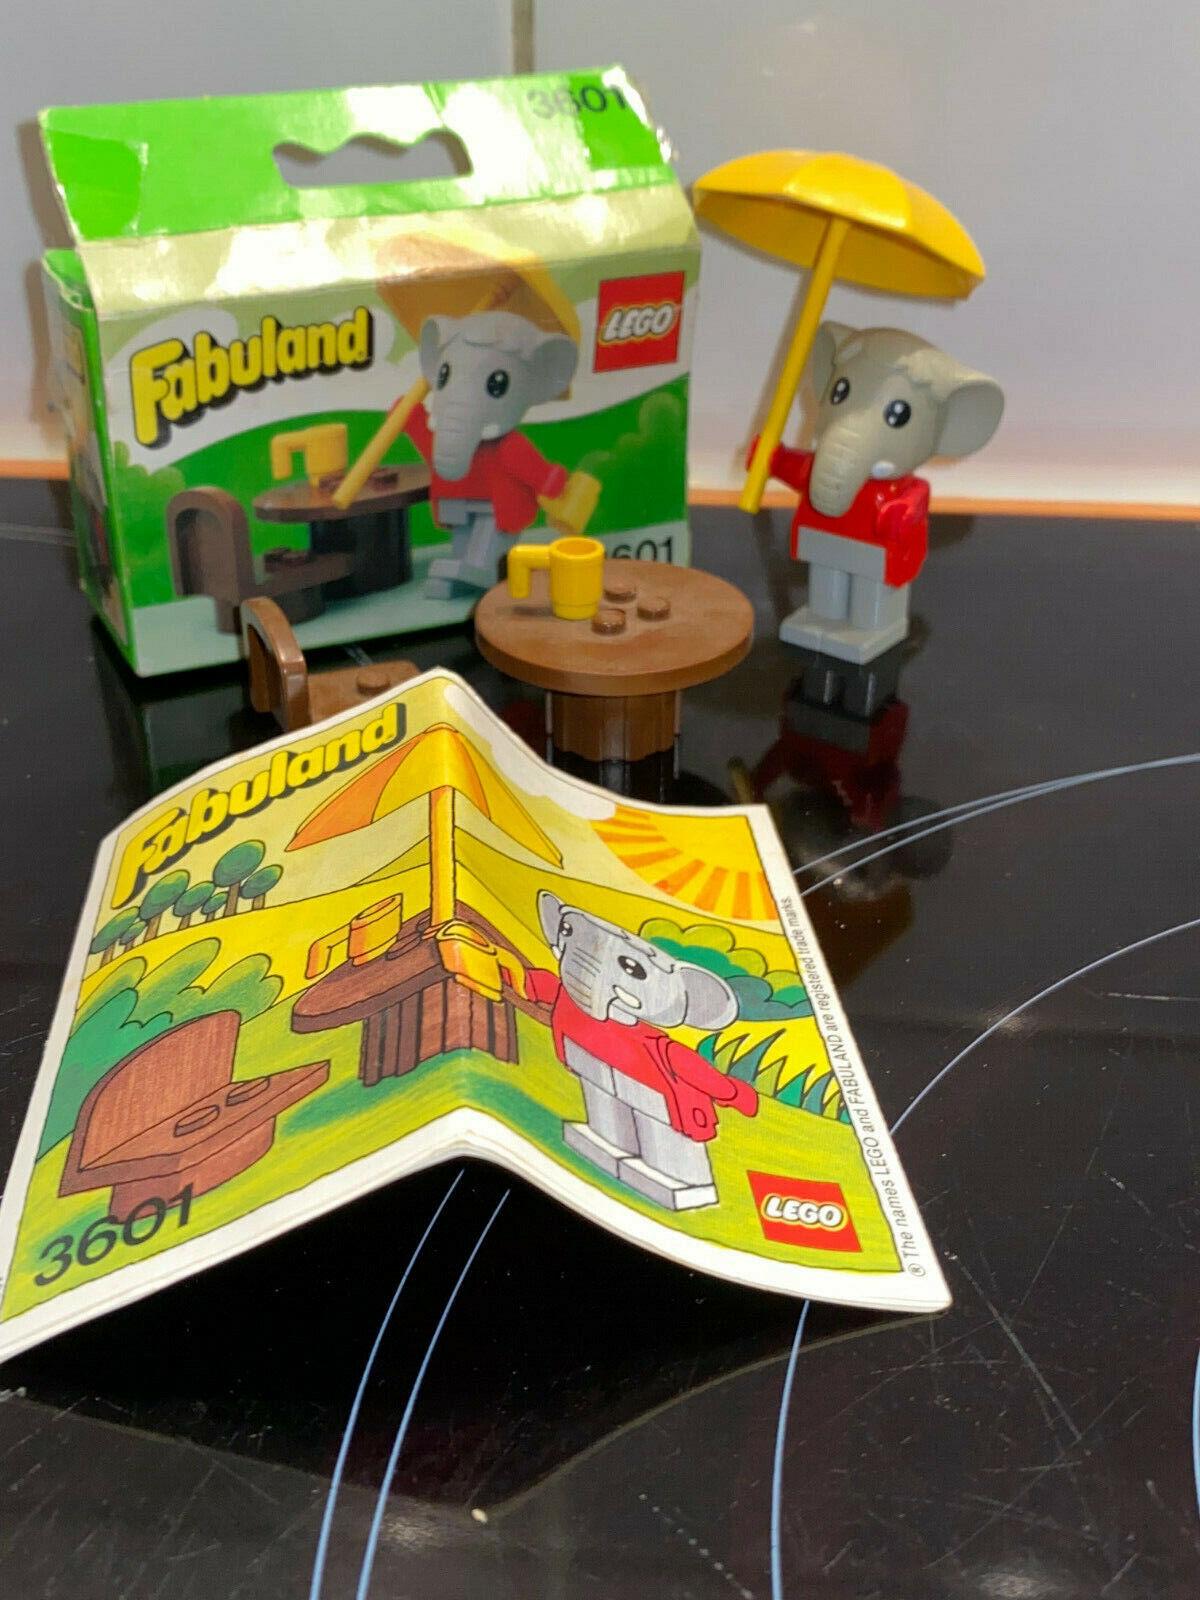 Lego Fabuland 3601 Elton elephant